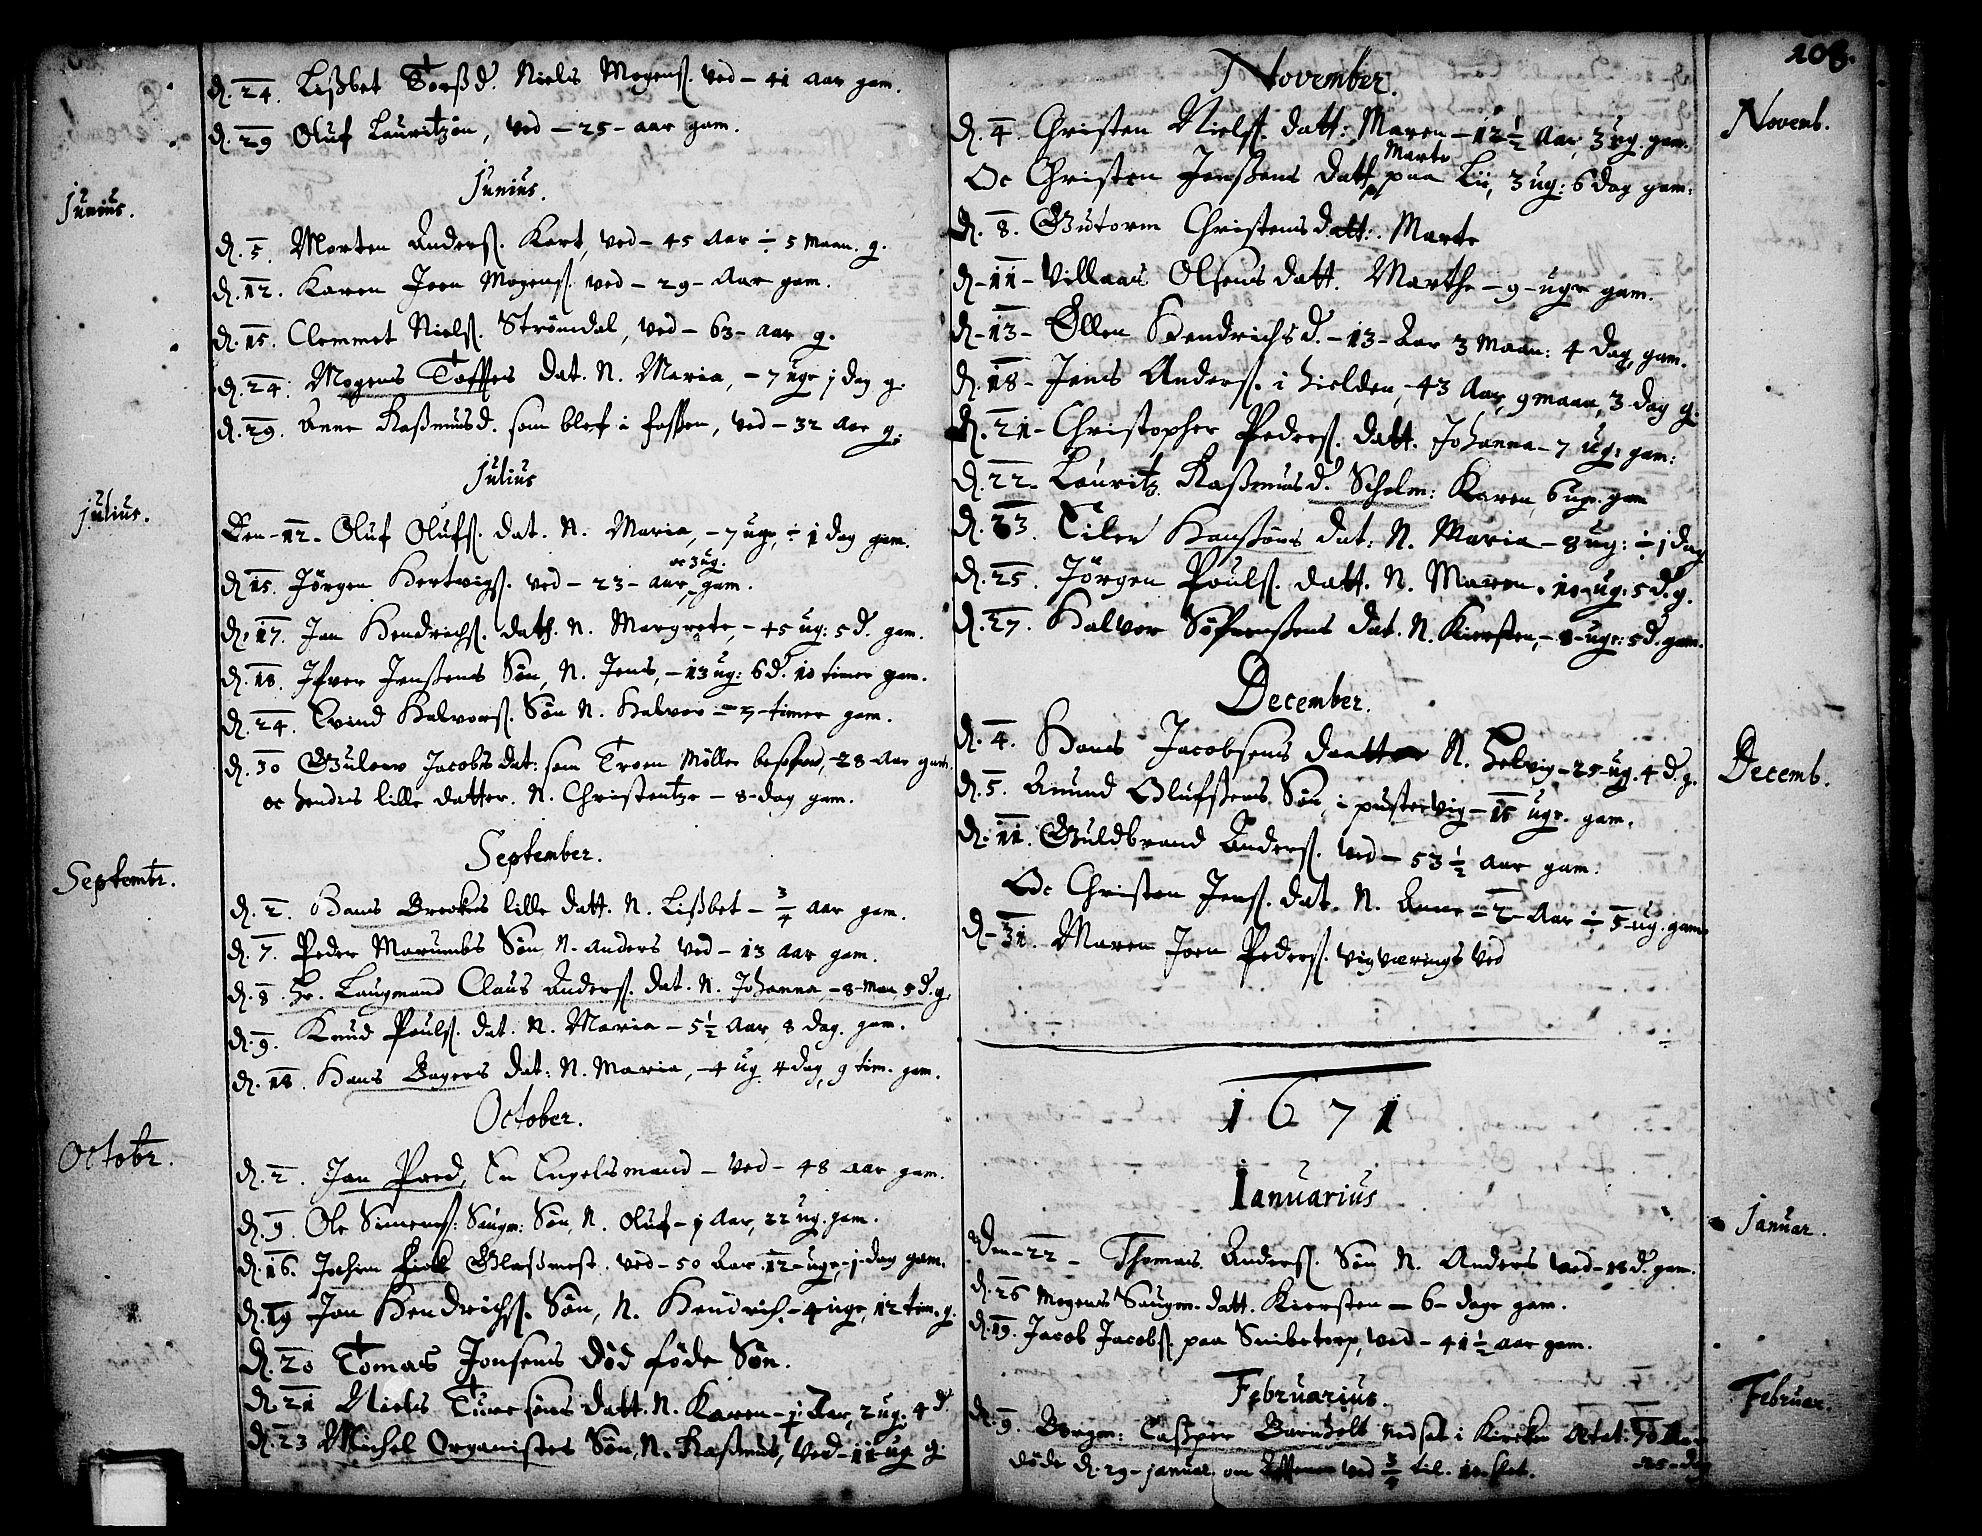 SAKO, Skien kirkebøker, F/Fa/L0001: Ministerialbok nr. 1, 1659-1679, s. 108